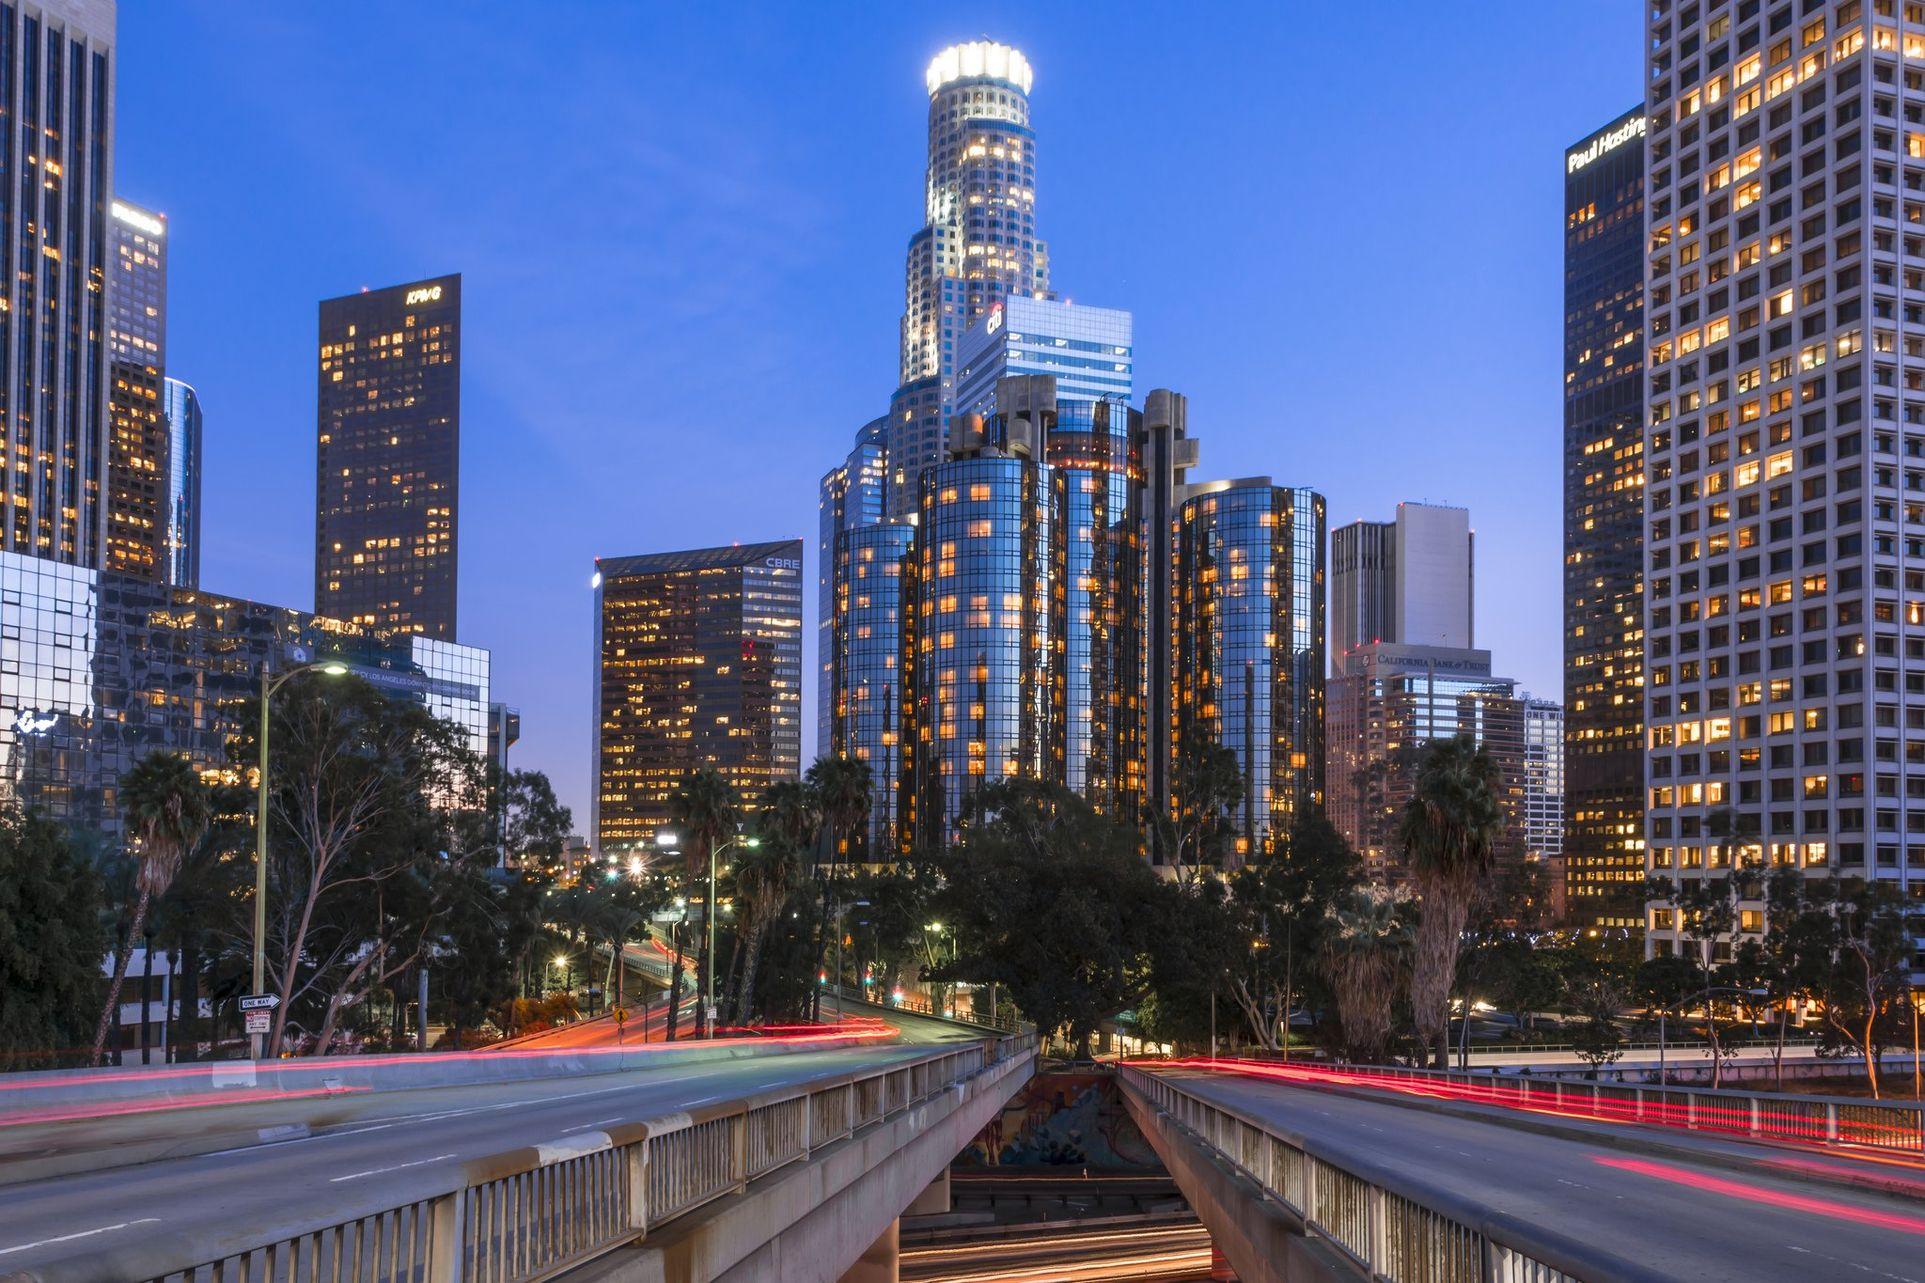 Дубай лос анджелес недвижимость в чехии 2015